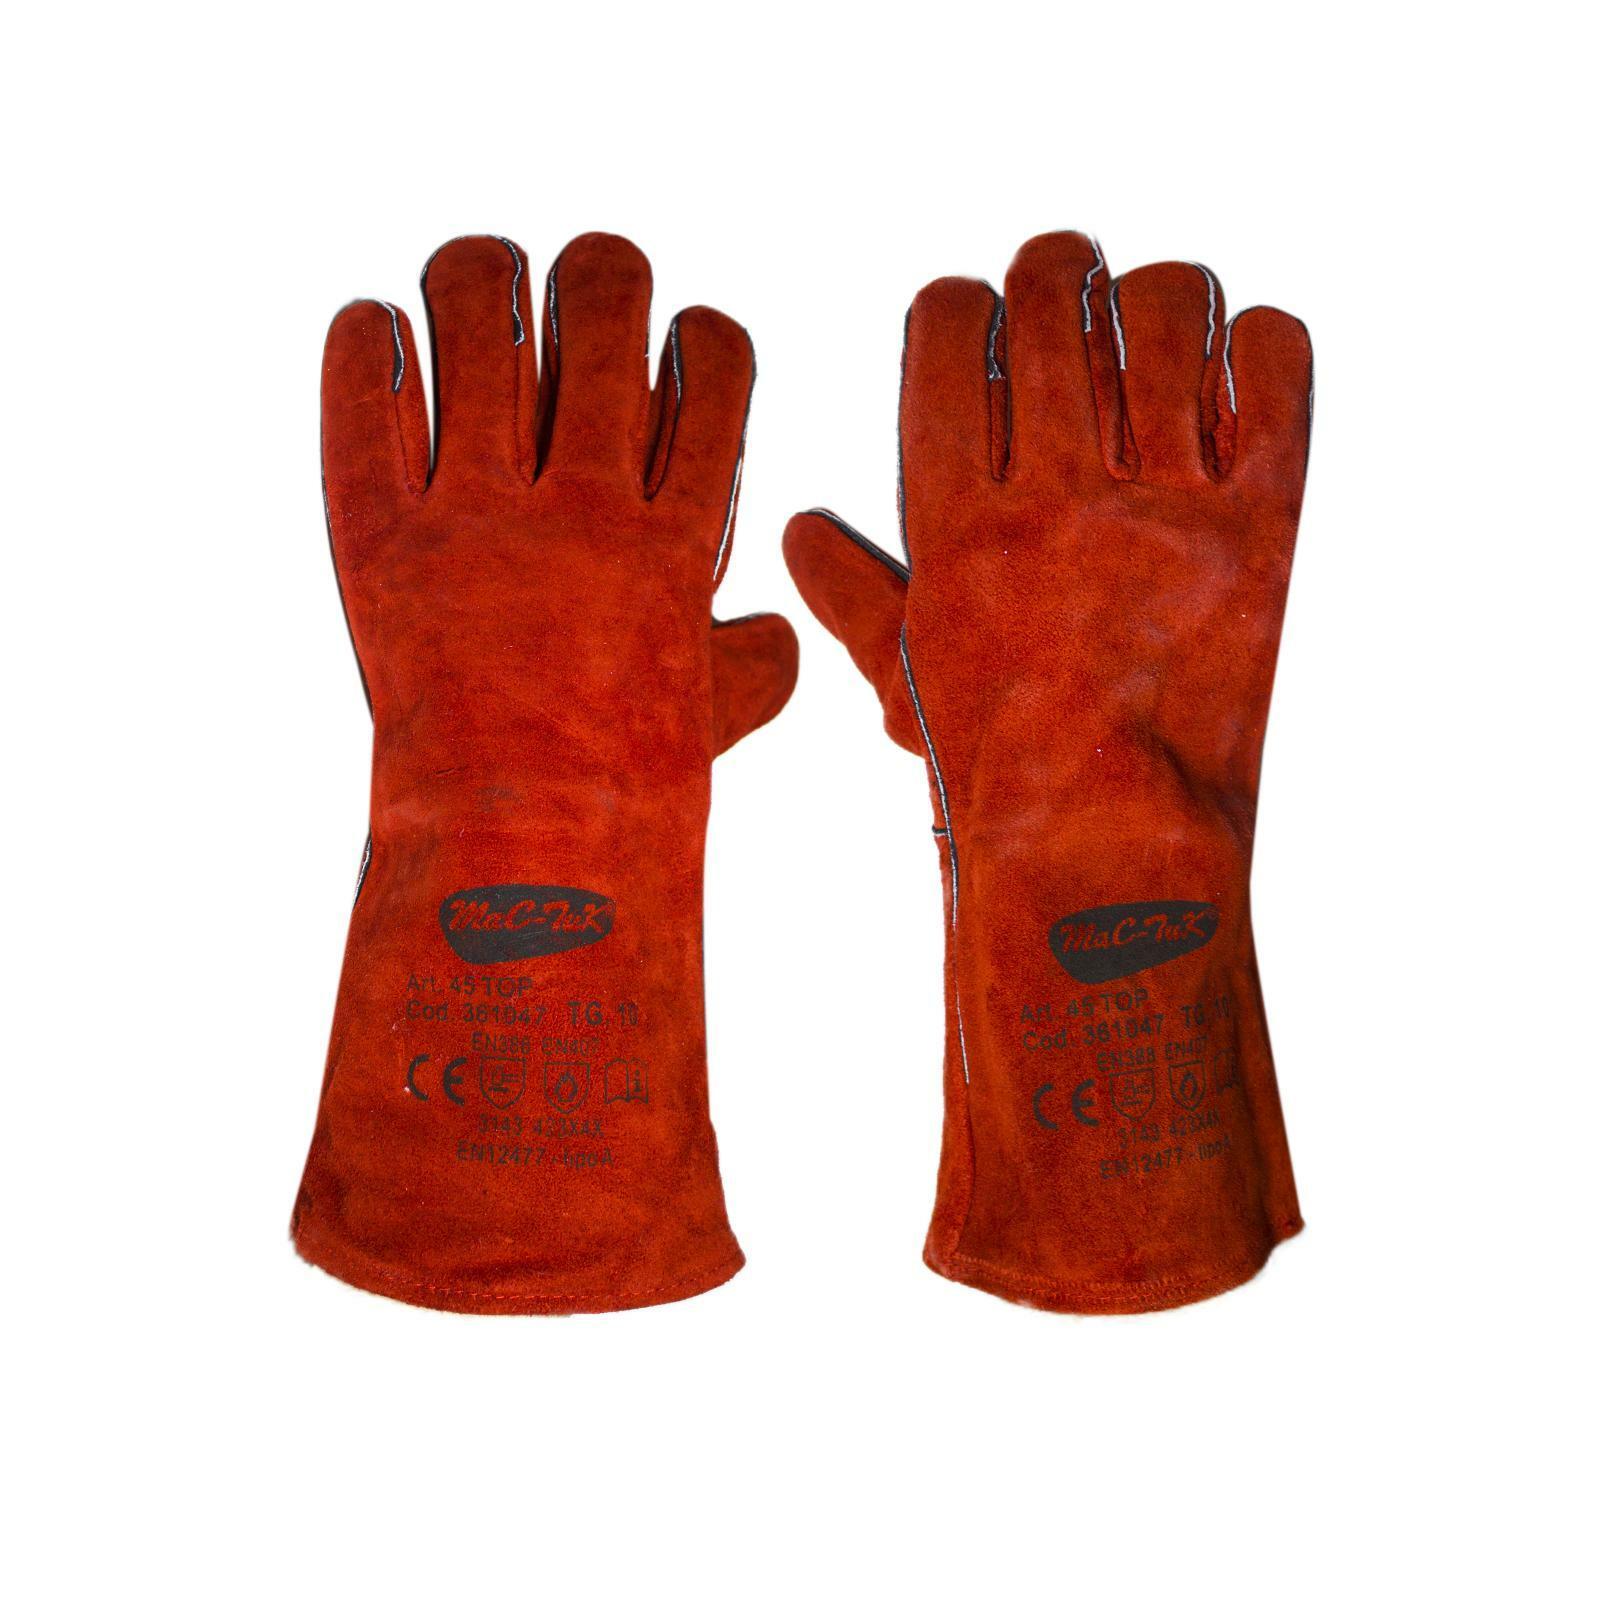 bracaglia guanti ignifughi certificati da saldatore in cuoio misura 10 brixo